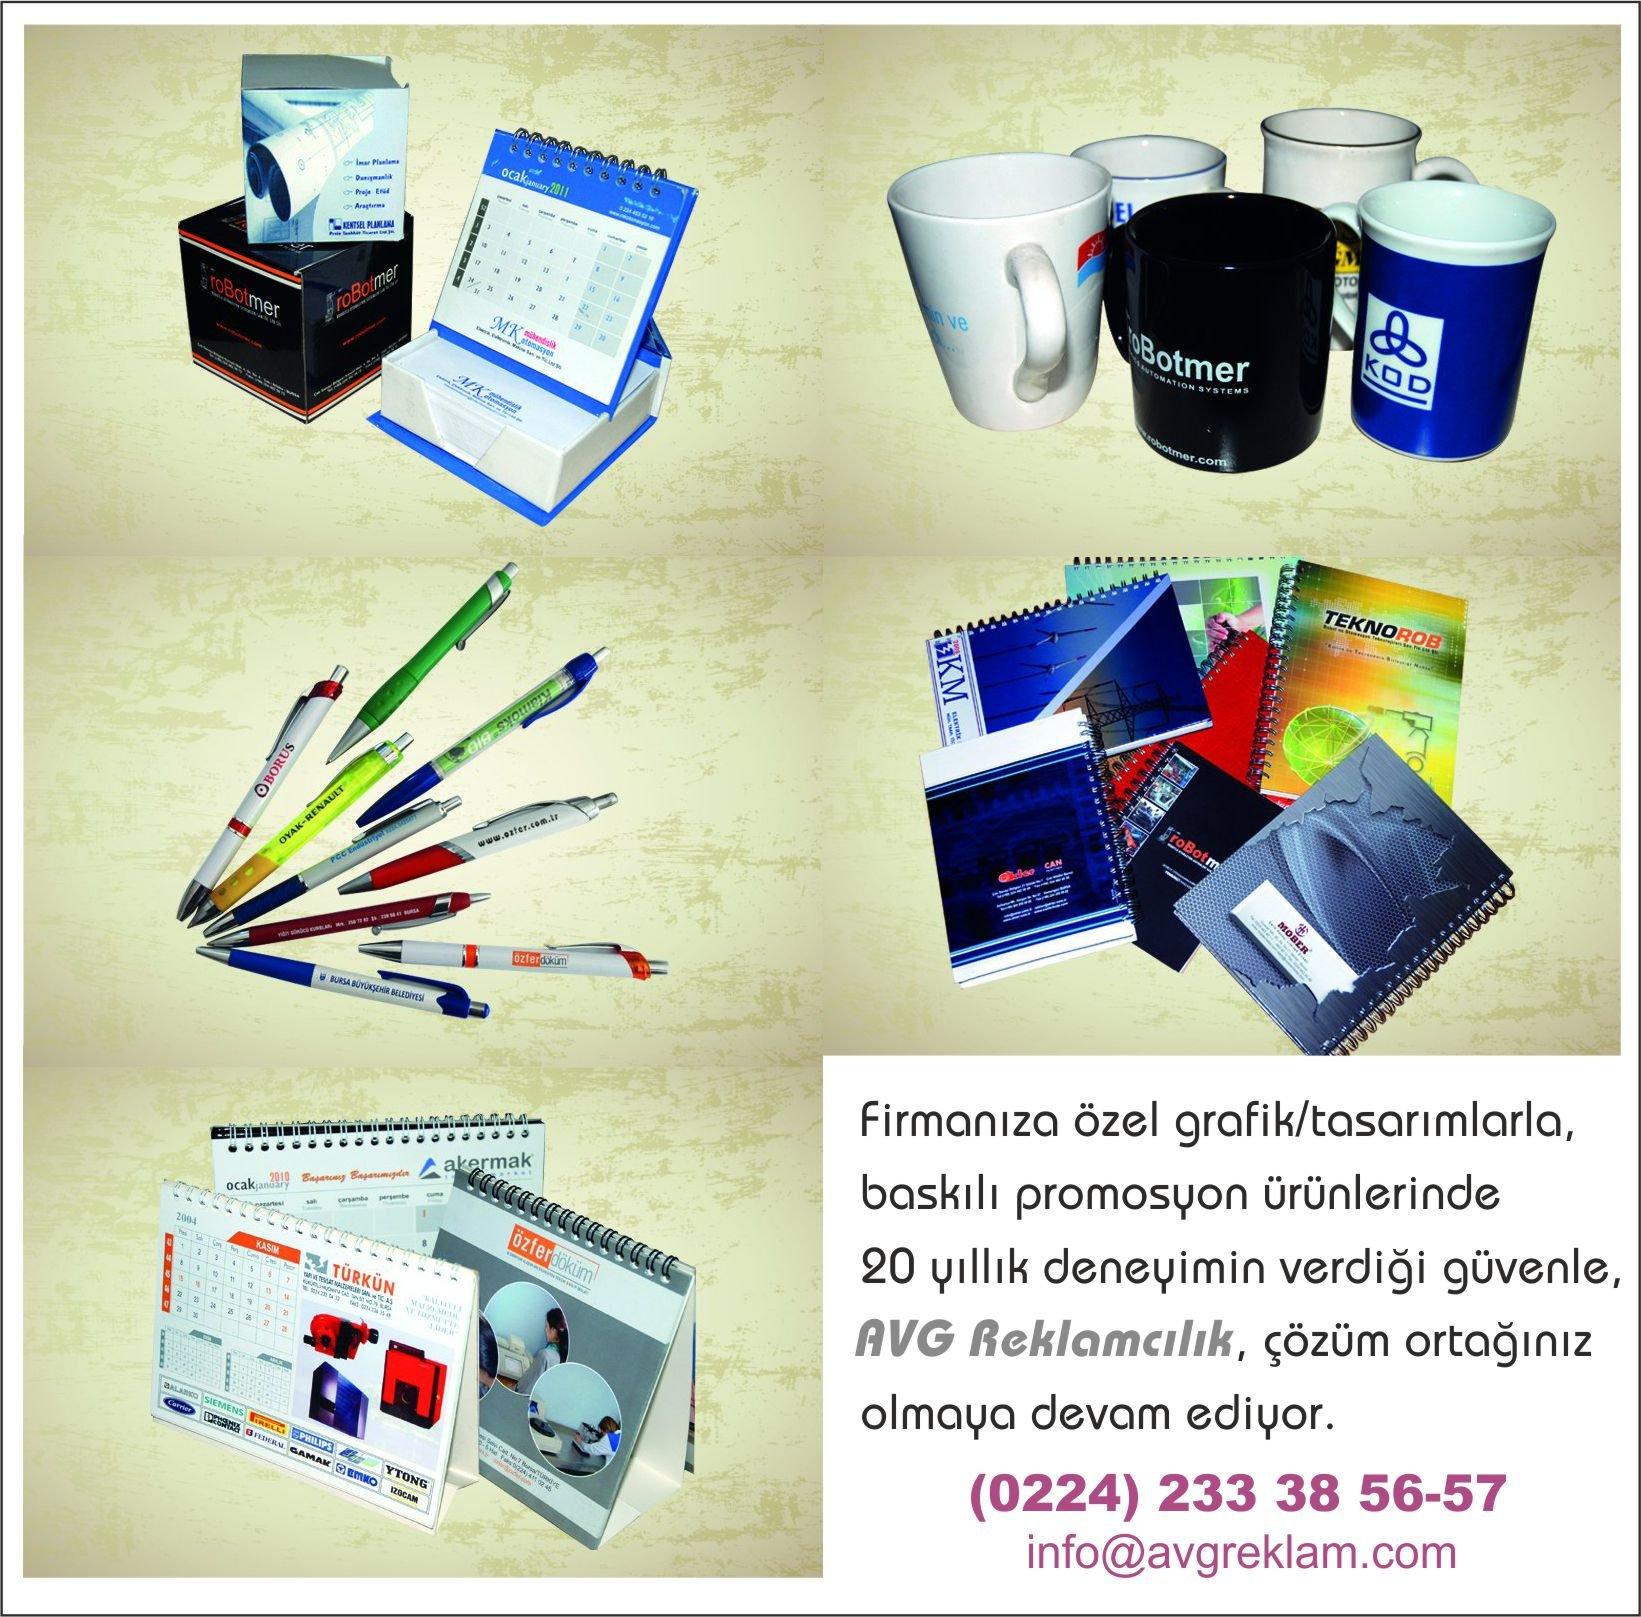 AVG Reklamcılık Organizasyon Ltd. Şti.